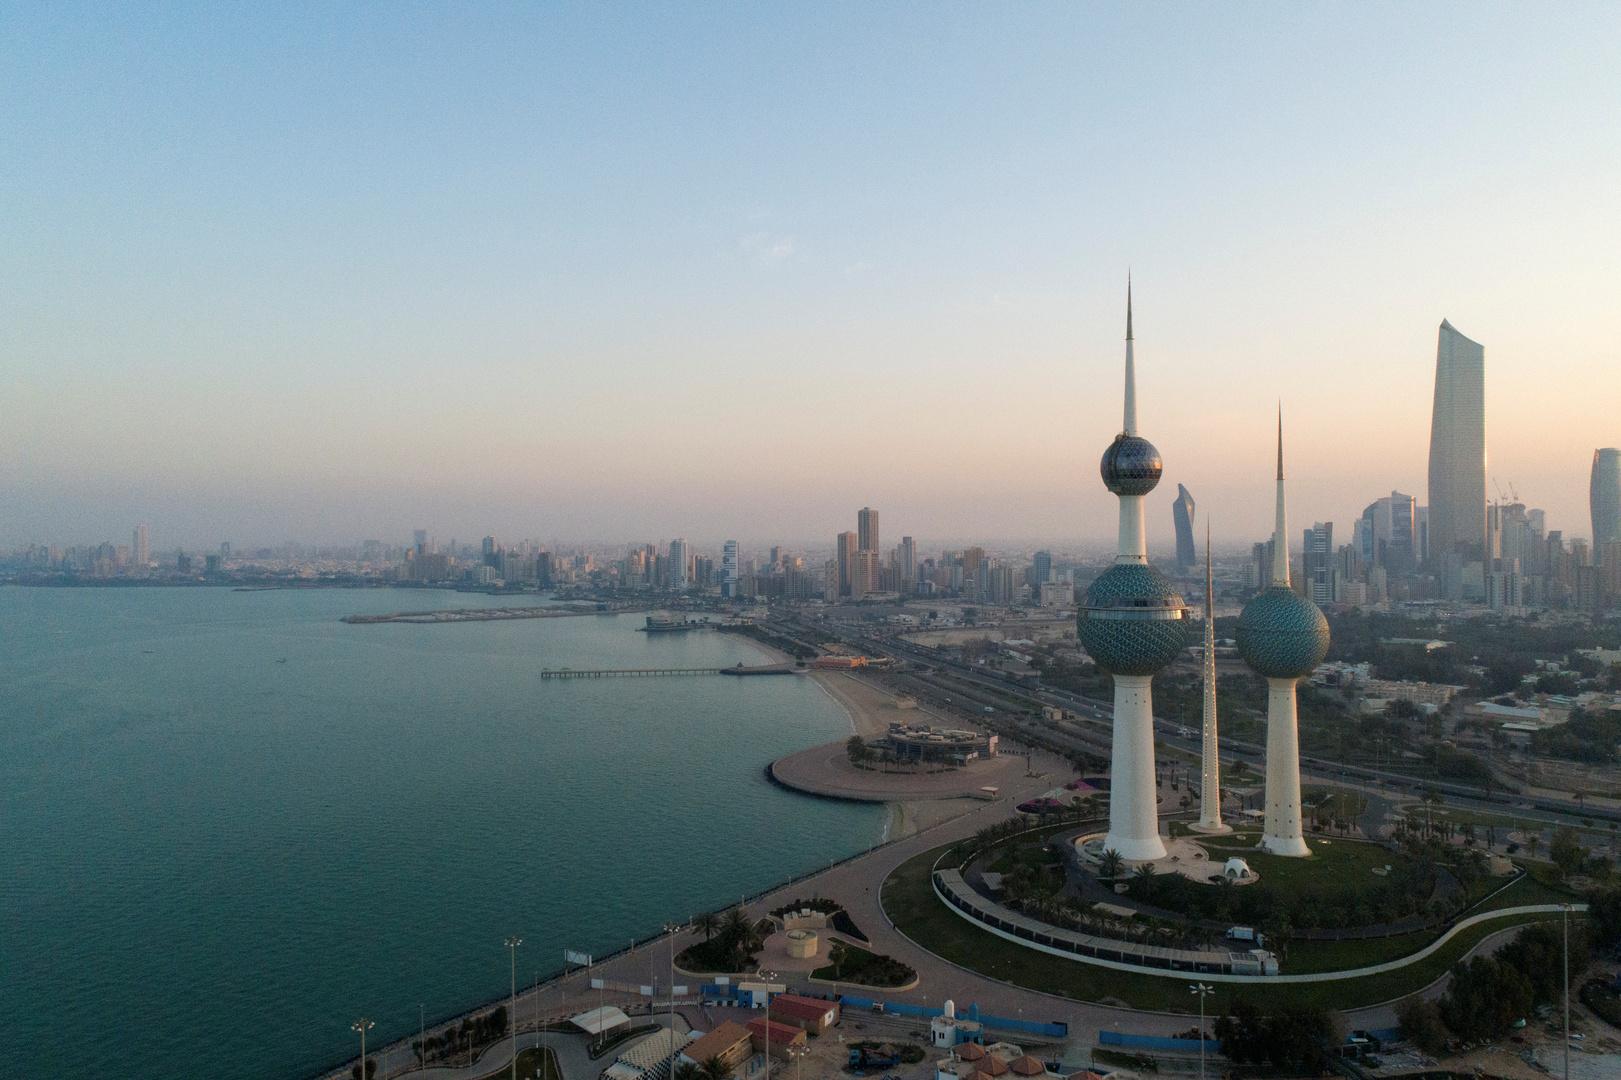 الكويت تنفي إدراج عدد من مواطنيها ومؤسساتها على قائمة العقوبات الأمريكية